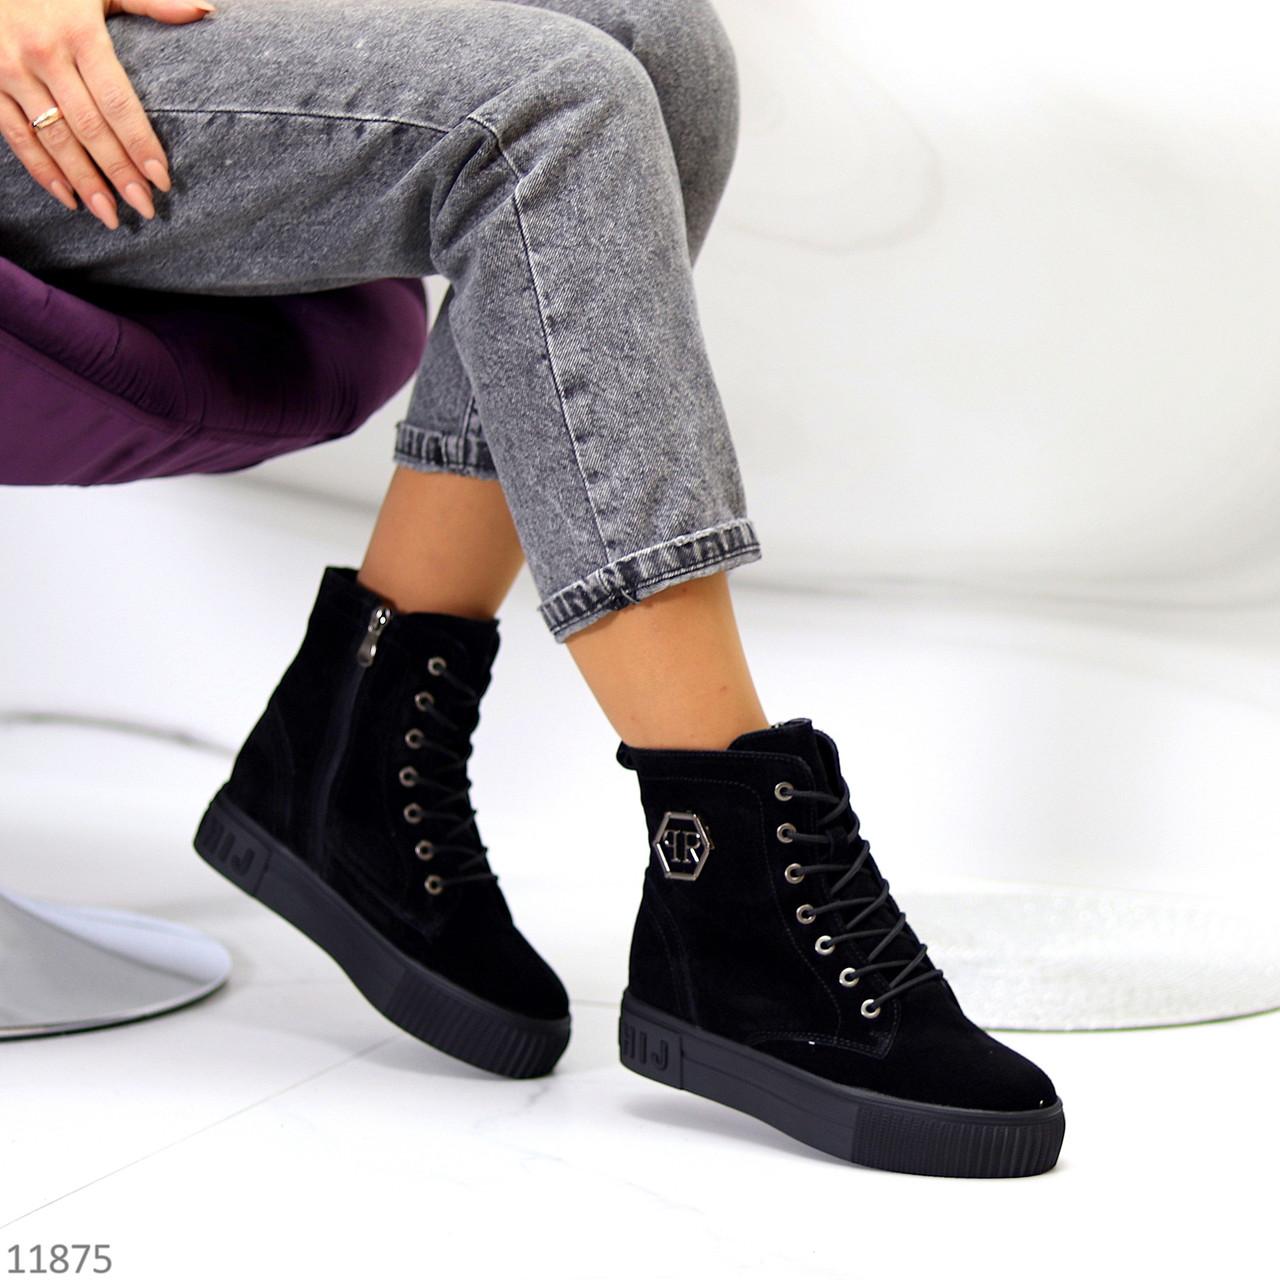 Удобные повседневные черные замшевые женские зимние ботинки натуральная замша